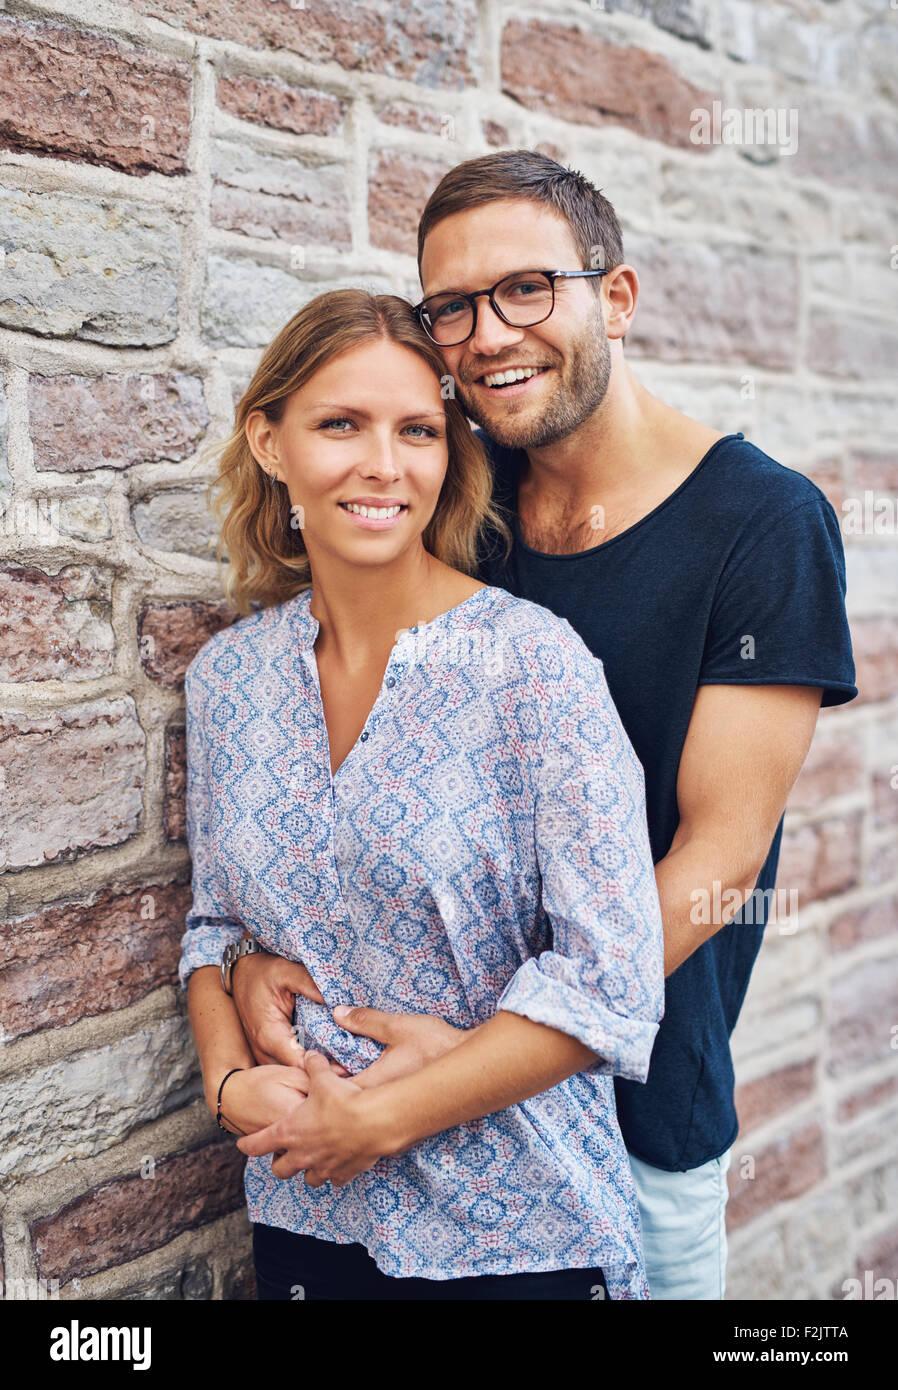 Halben Körper erschossen von einem süßen Mann umarmt seine Freundin aus den hinter während lehnt Stockbild